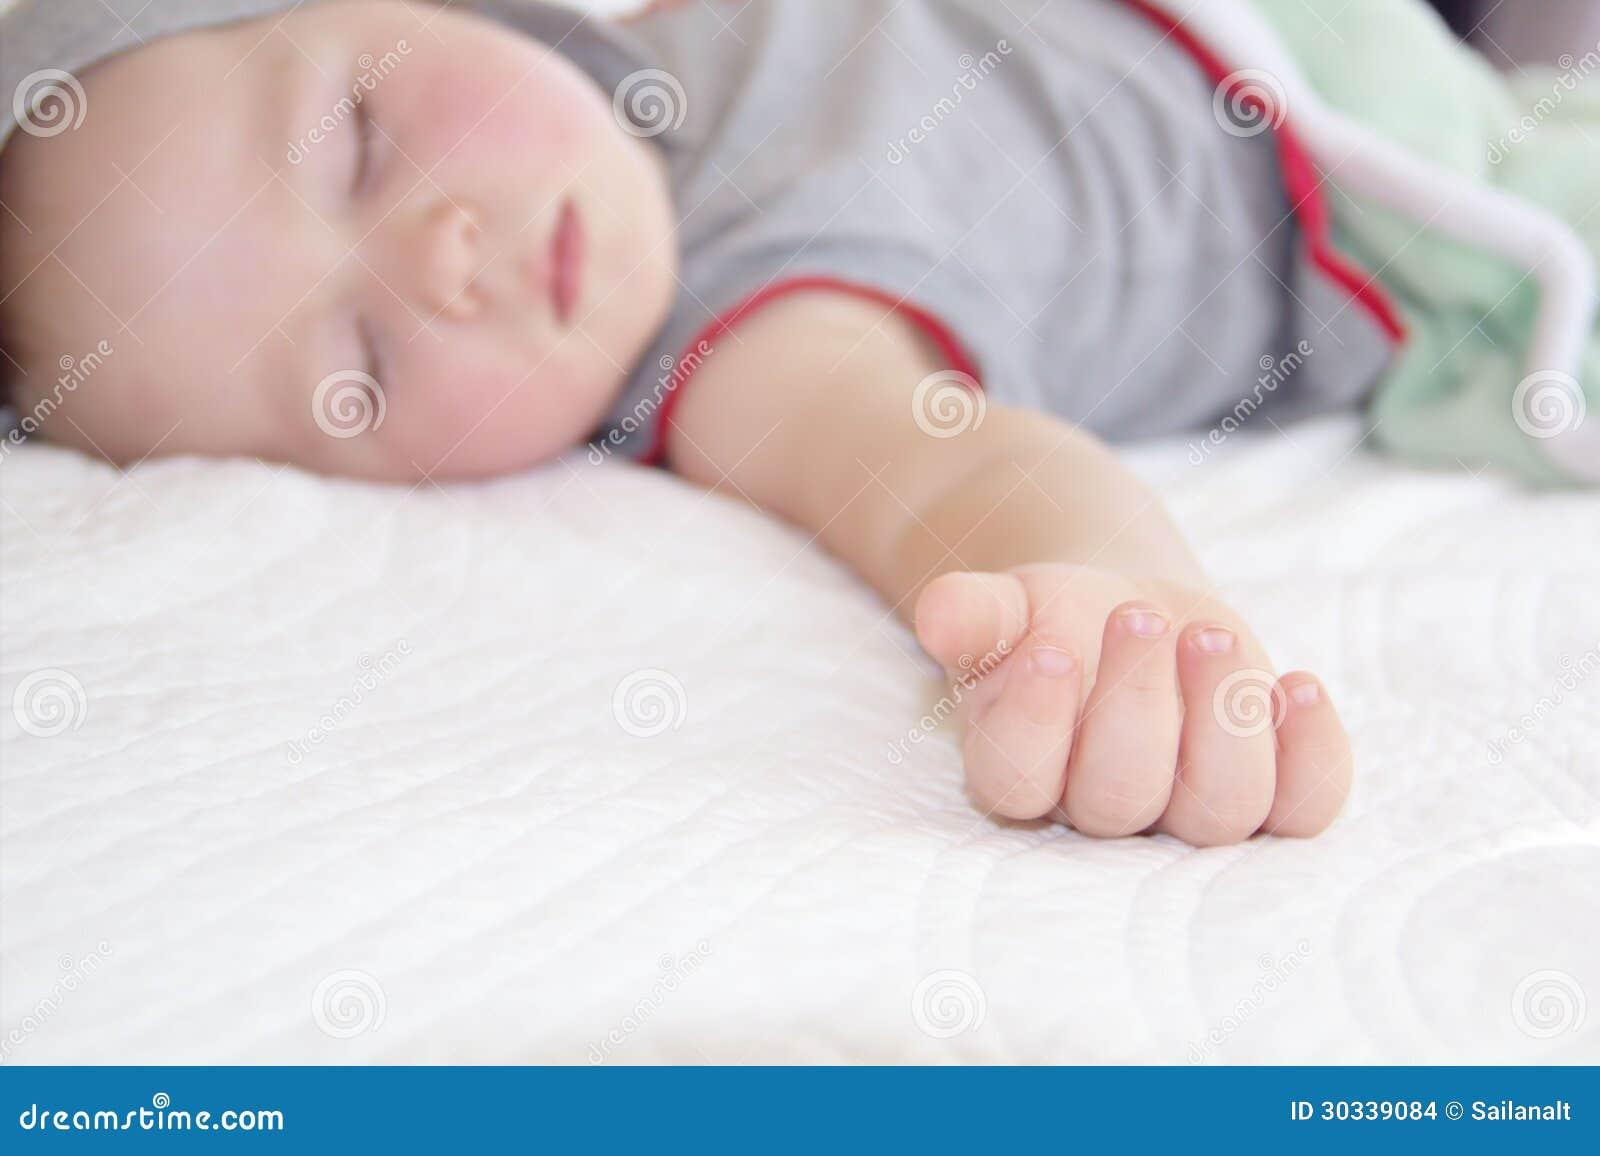 Маленькую девочку на руках следует воспринимать как знак, сулящий женщине появление дочери.